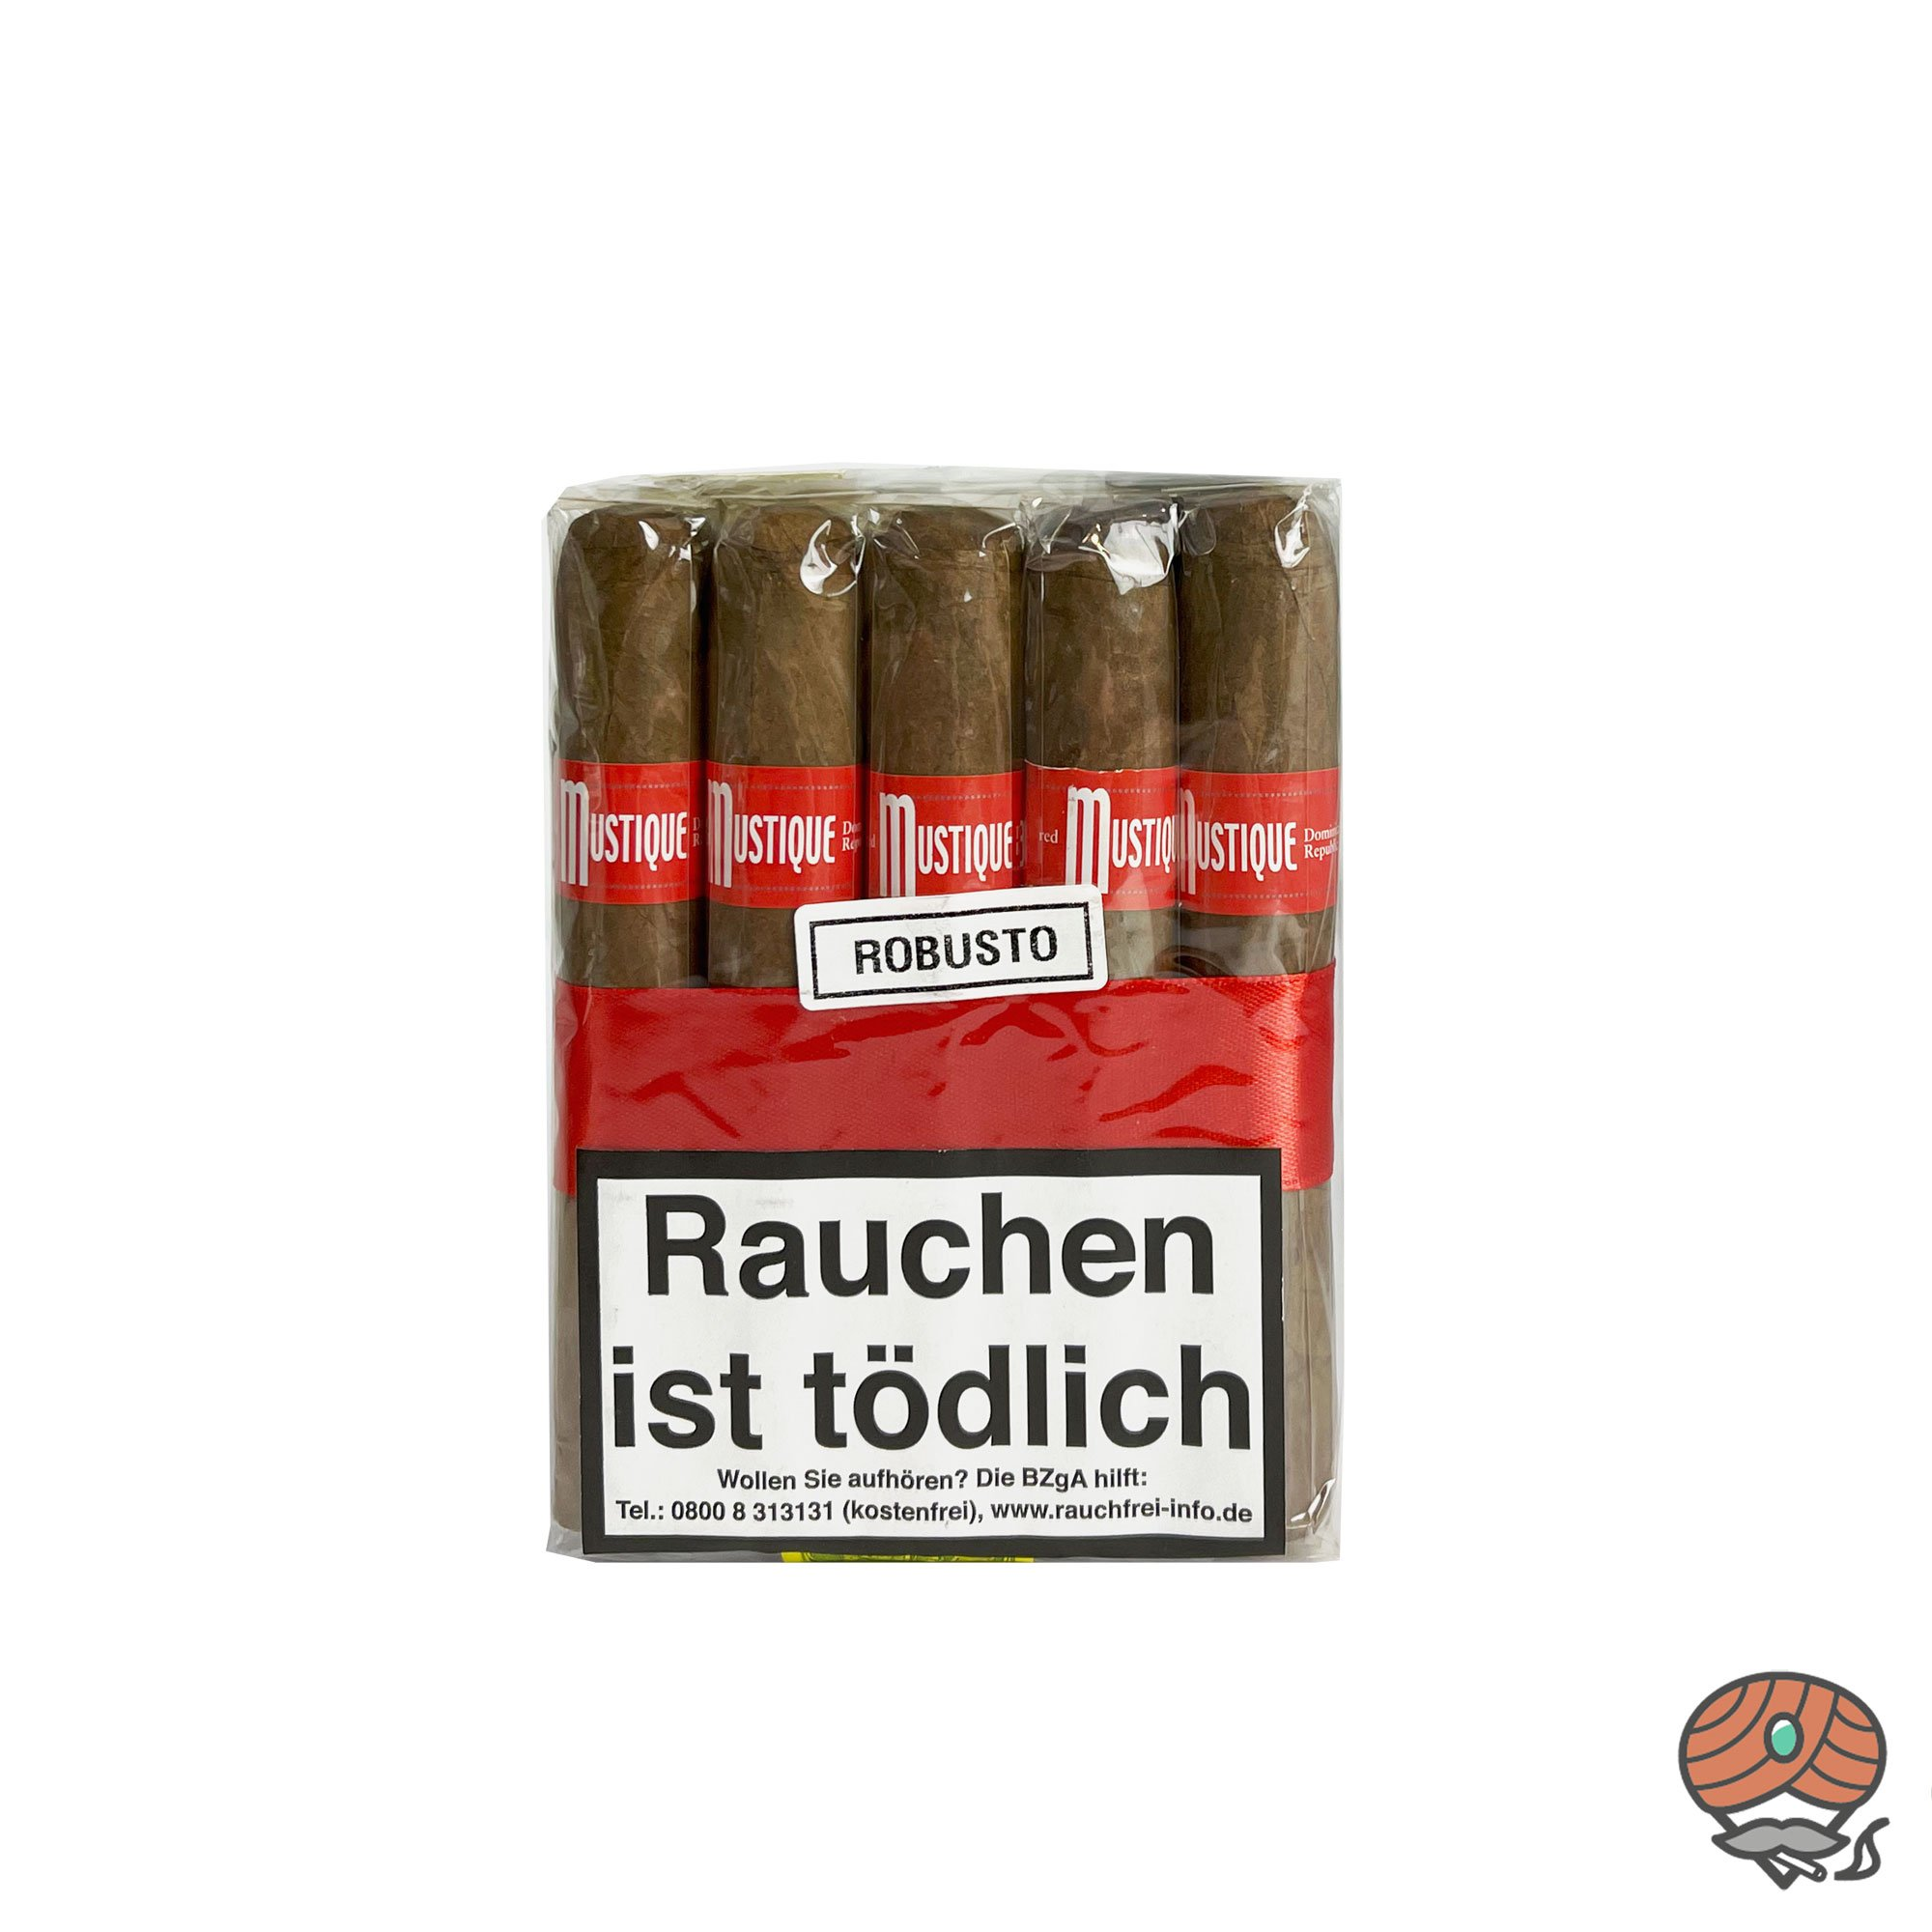 Mustique Red Robusto Zigarre 10er Bundle